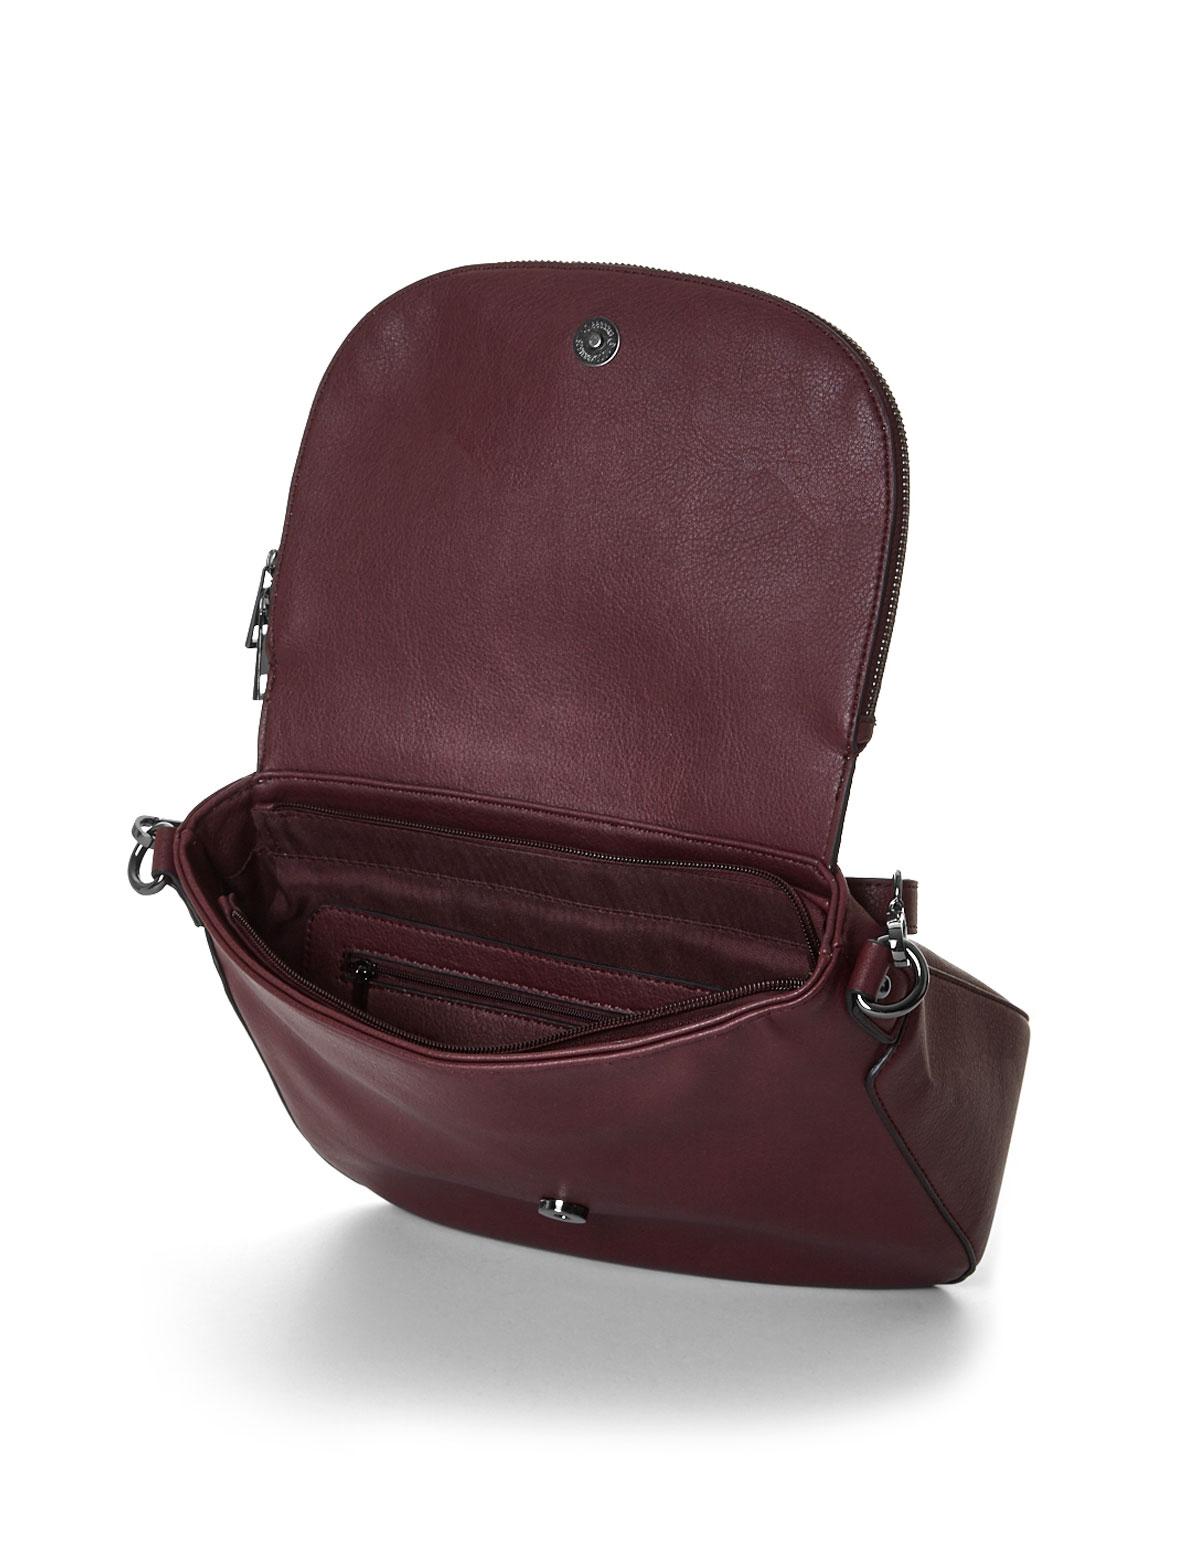 044e92570f ... Burgundy Cross Body Bag